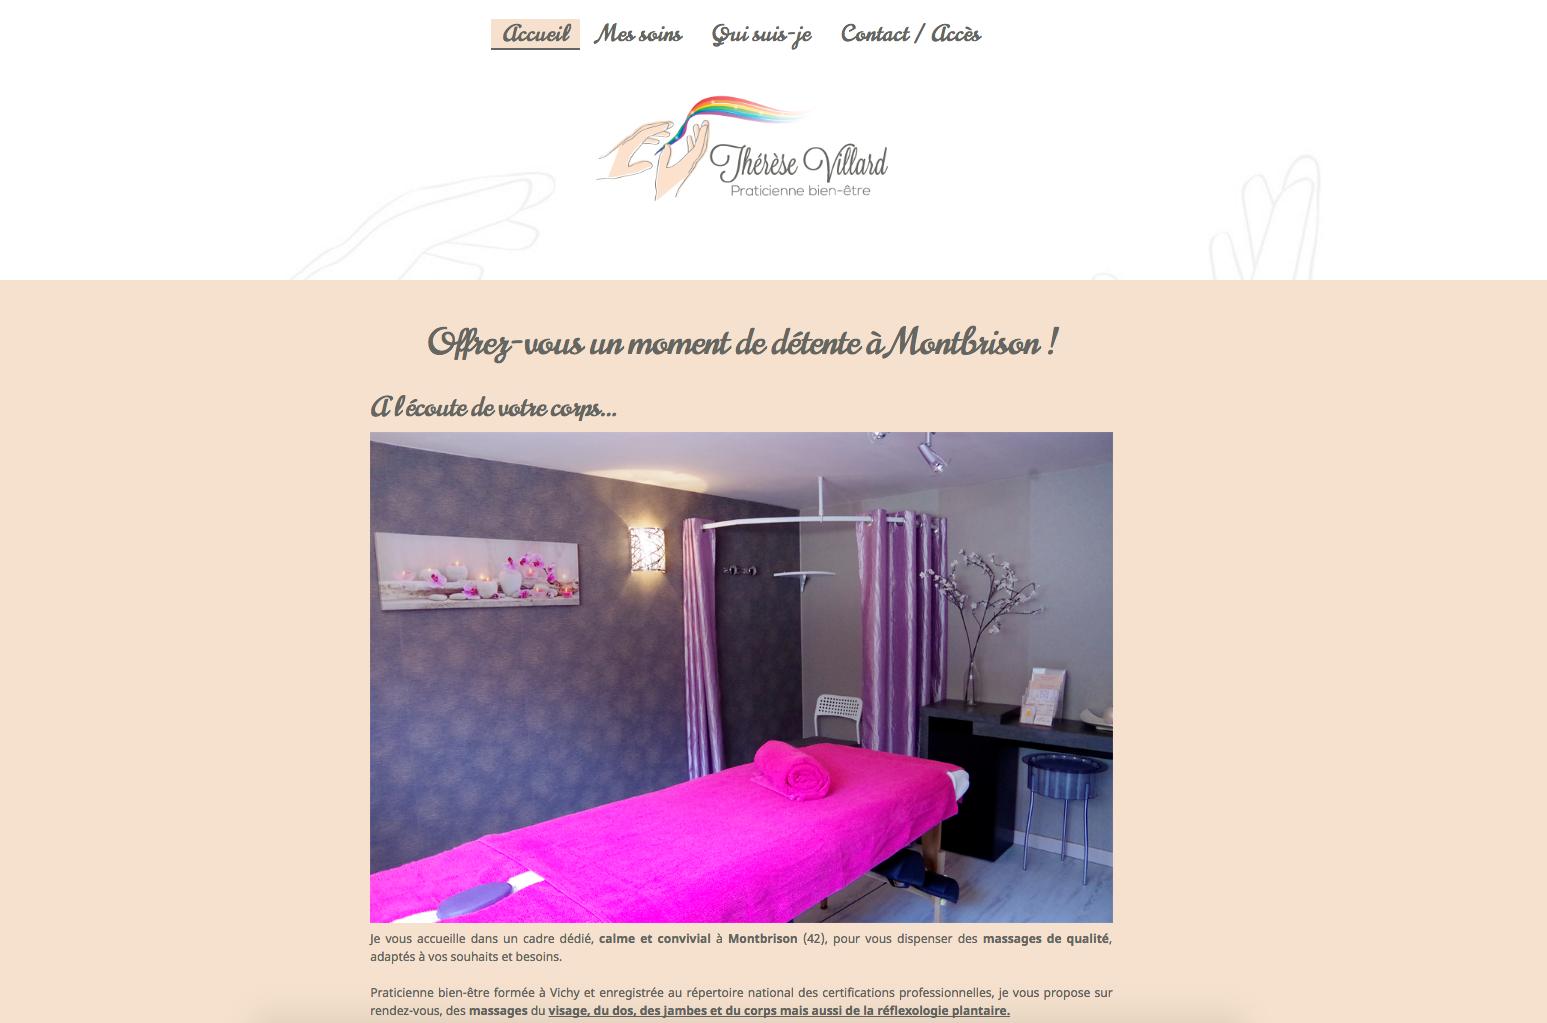 http://www.theresevillard-massages.fr/